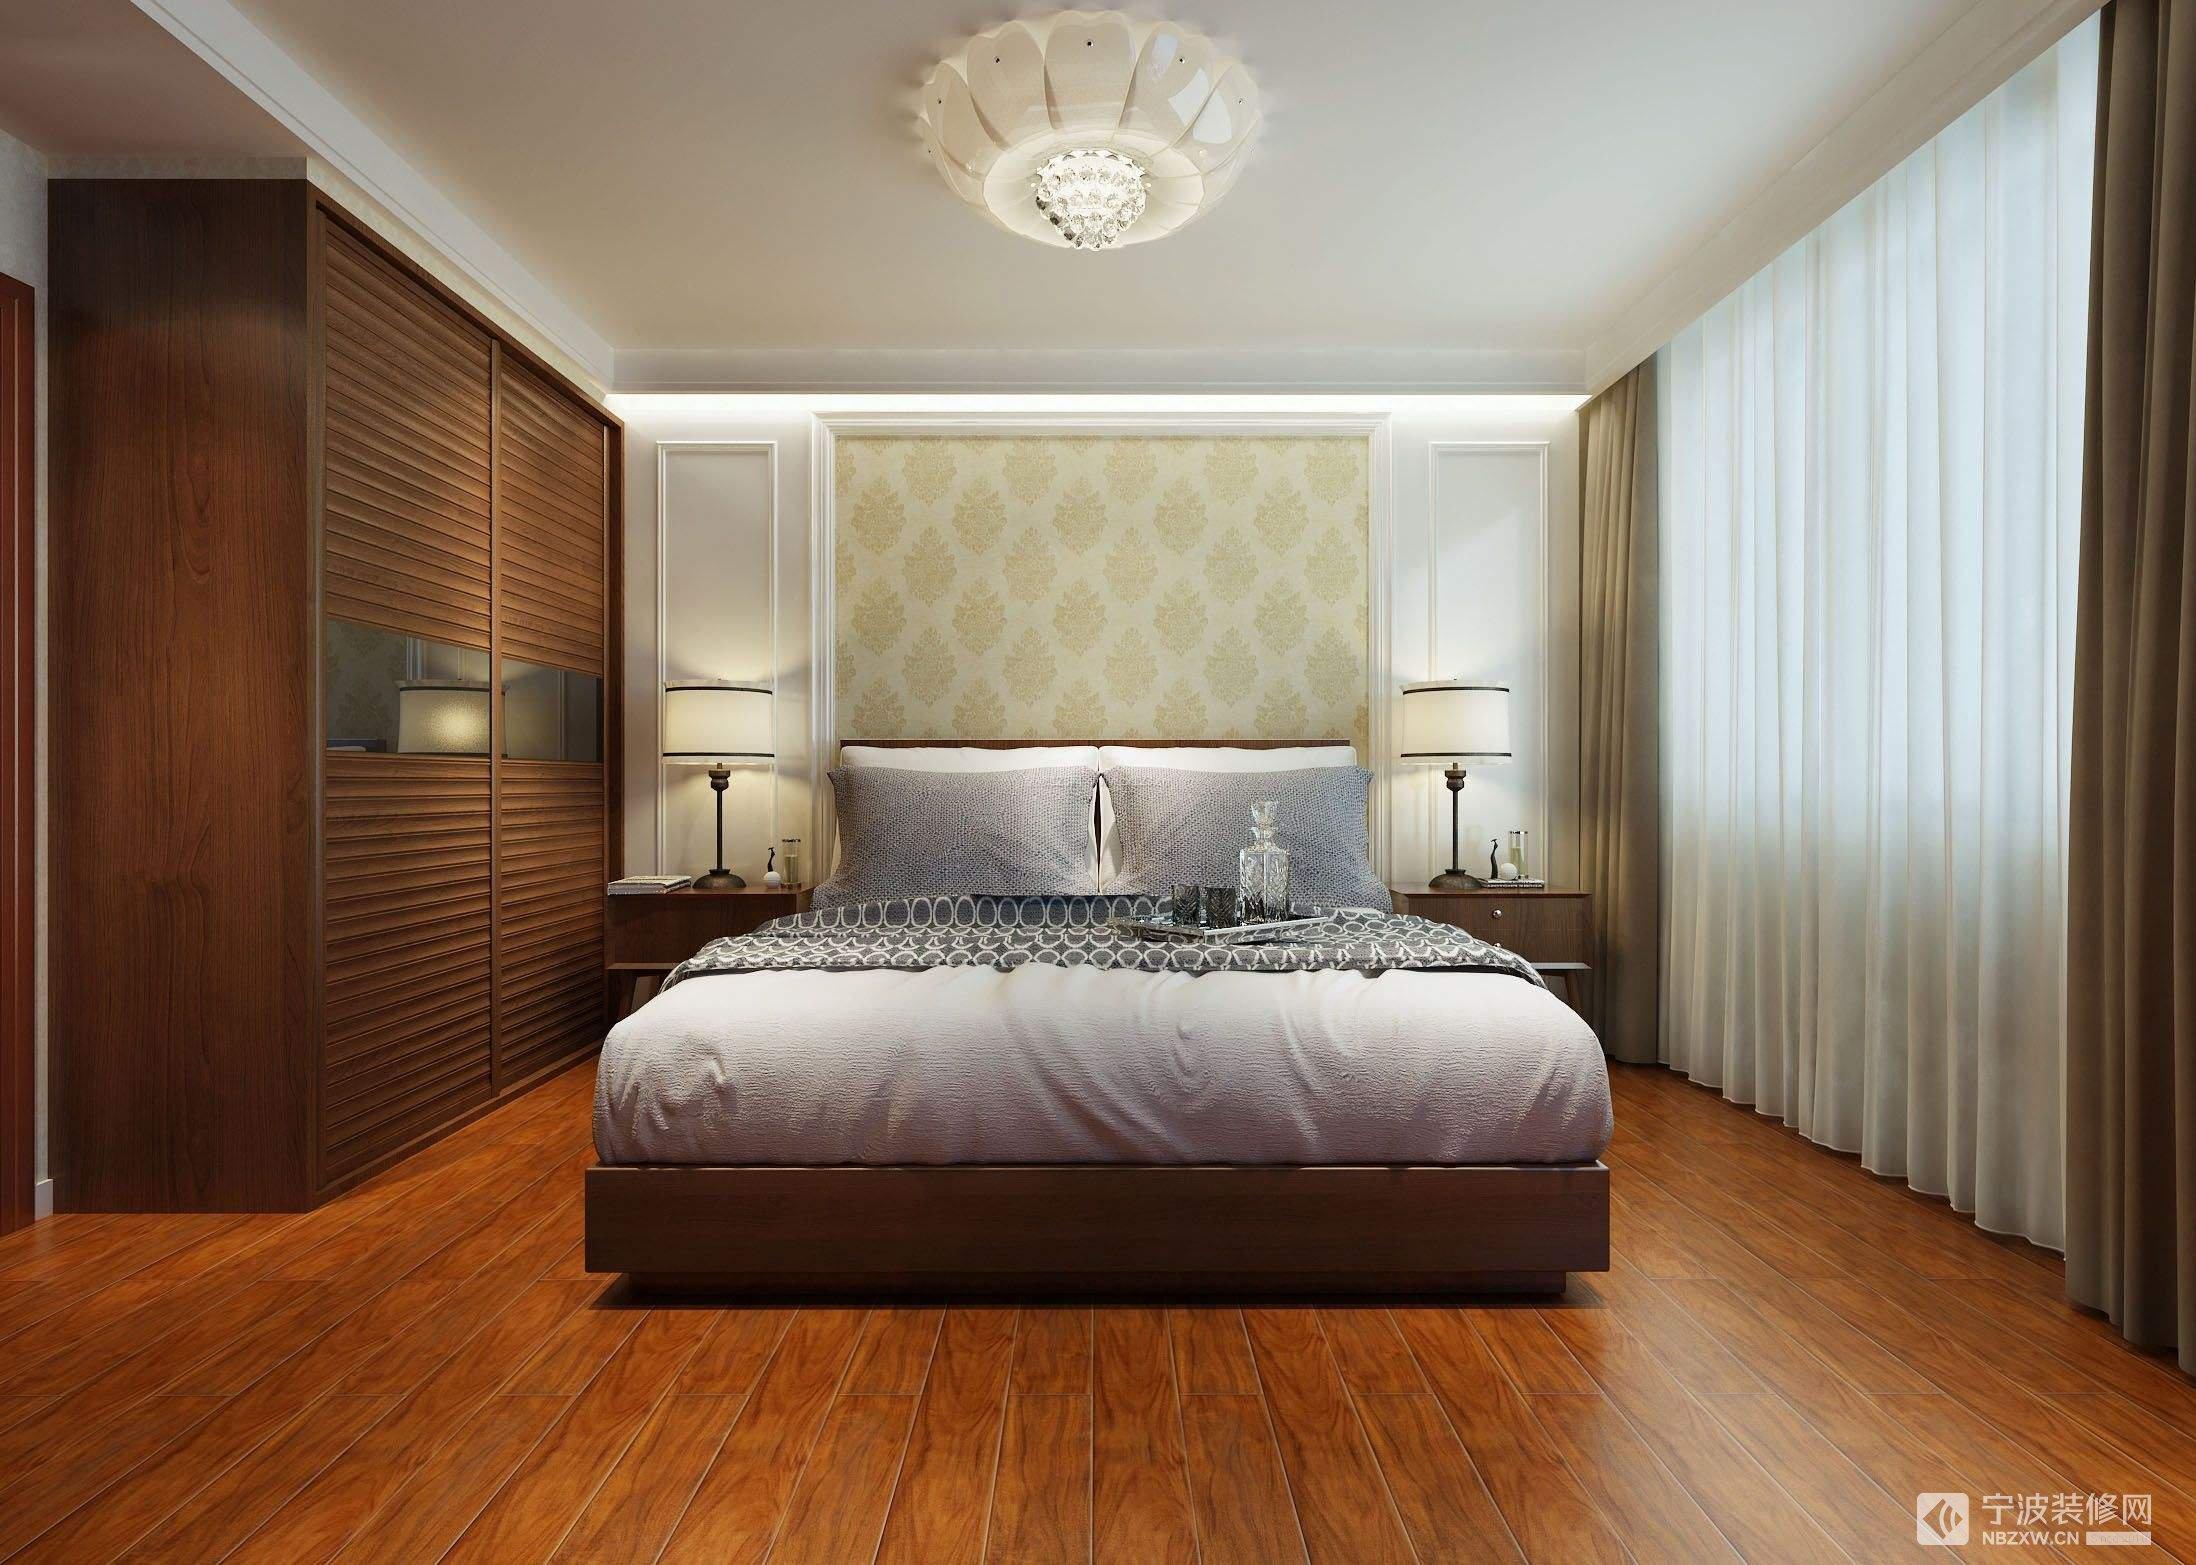 学会这几招,轻松清洁保养床垫!